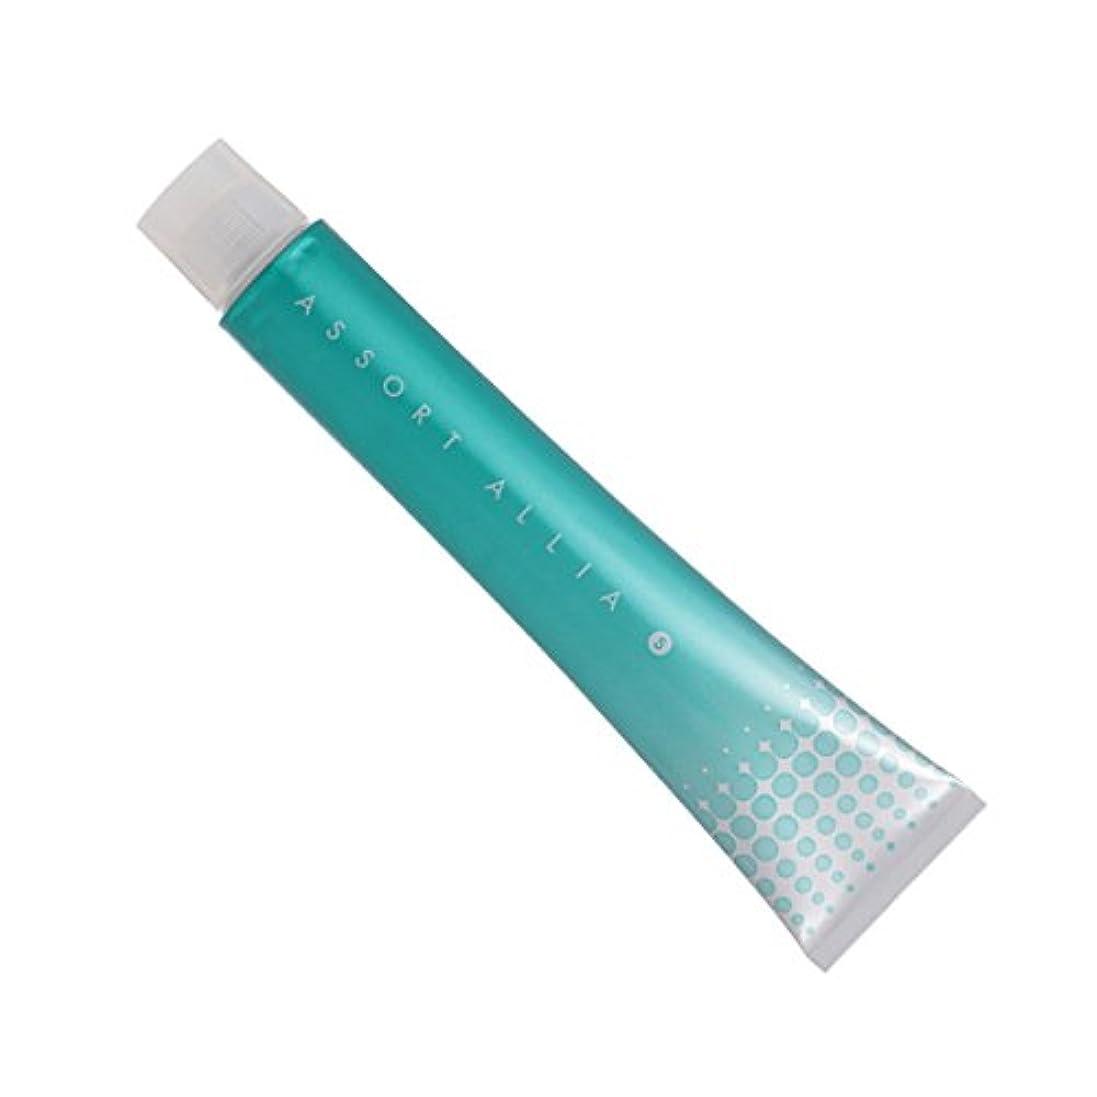 トラフィックしみ落ち着くデミ アソートアリアS シャーベットアッシュ 80g(カラー1剤) 10/9SA